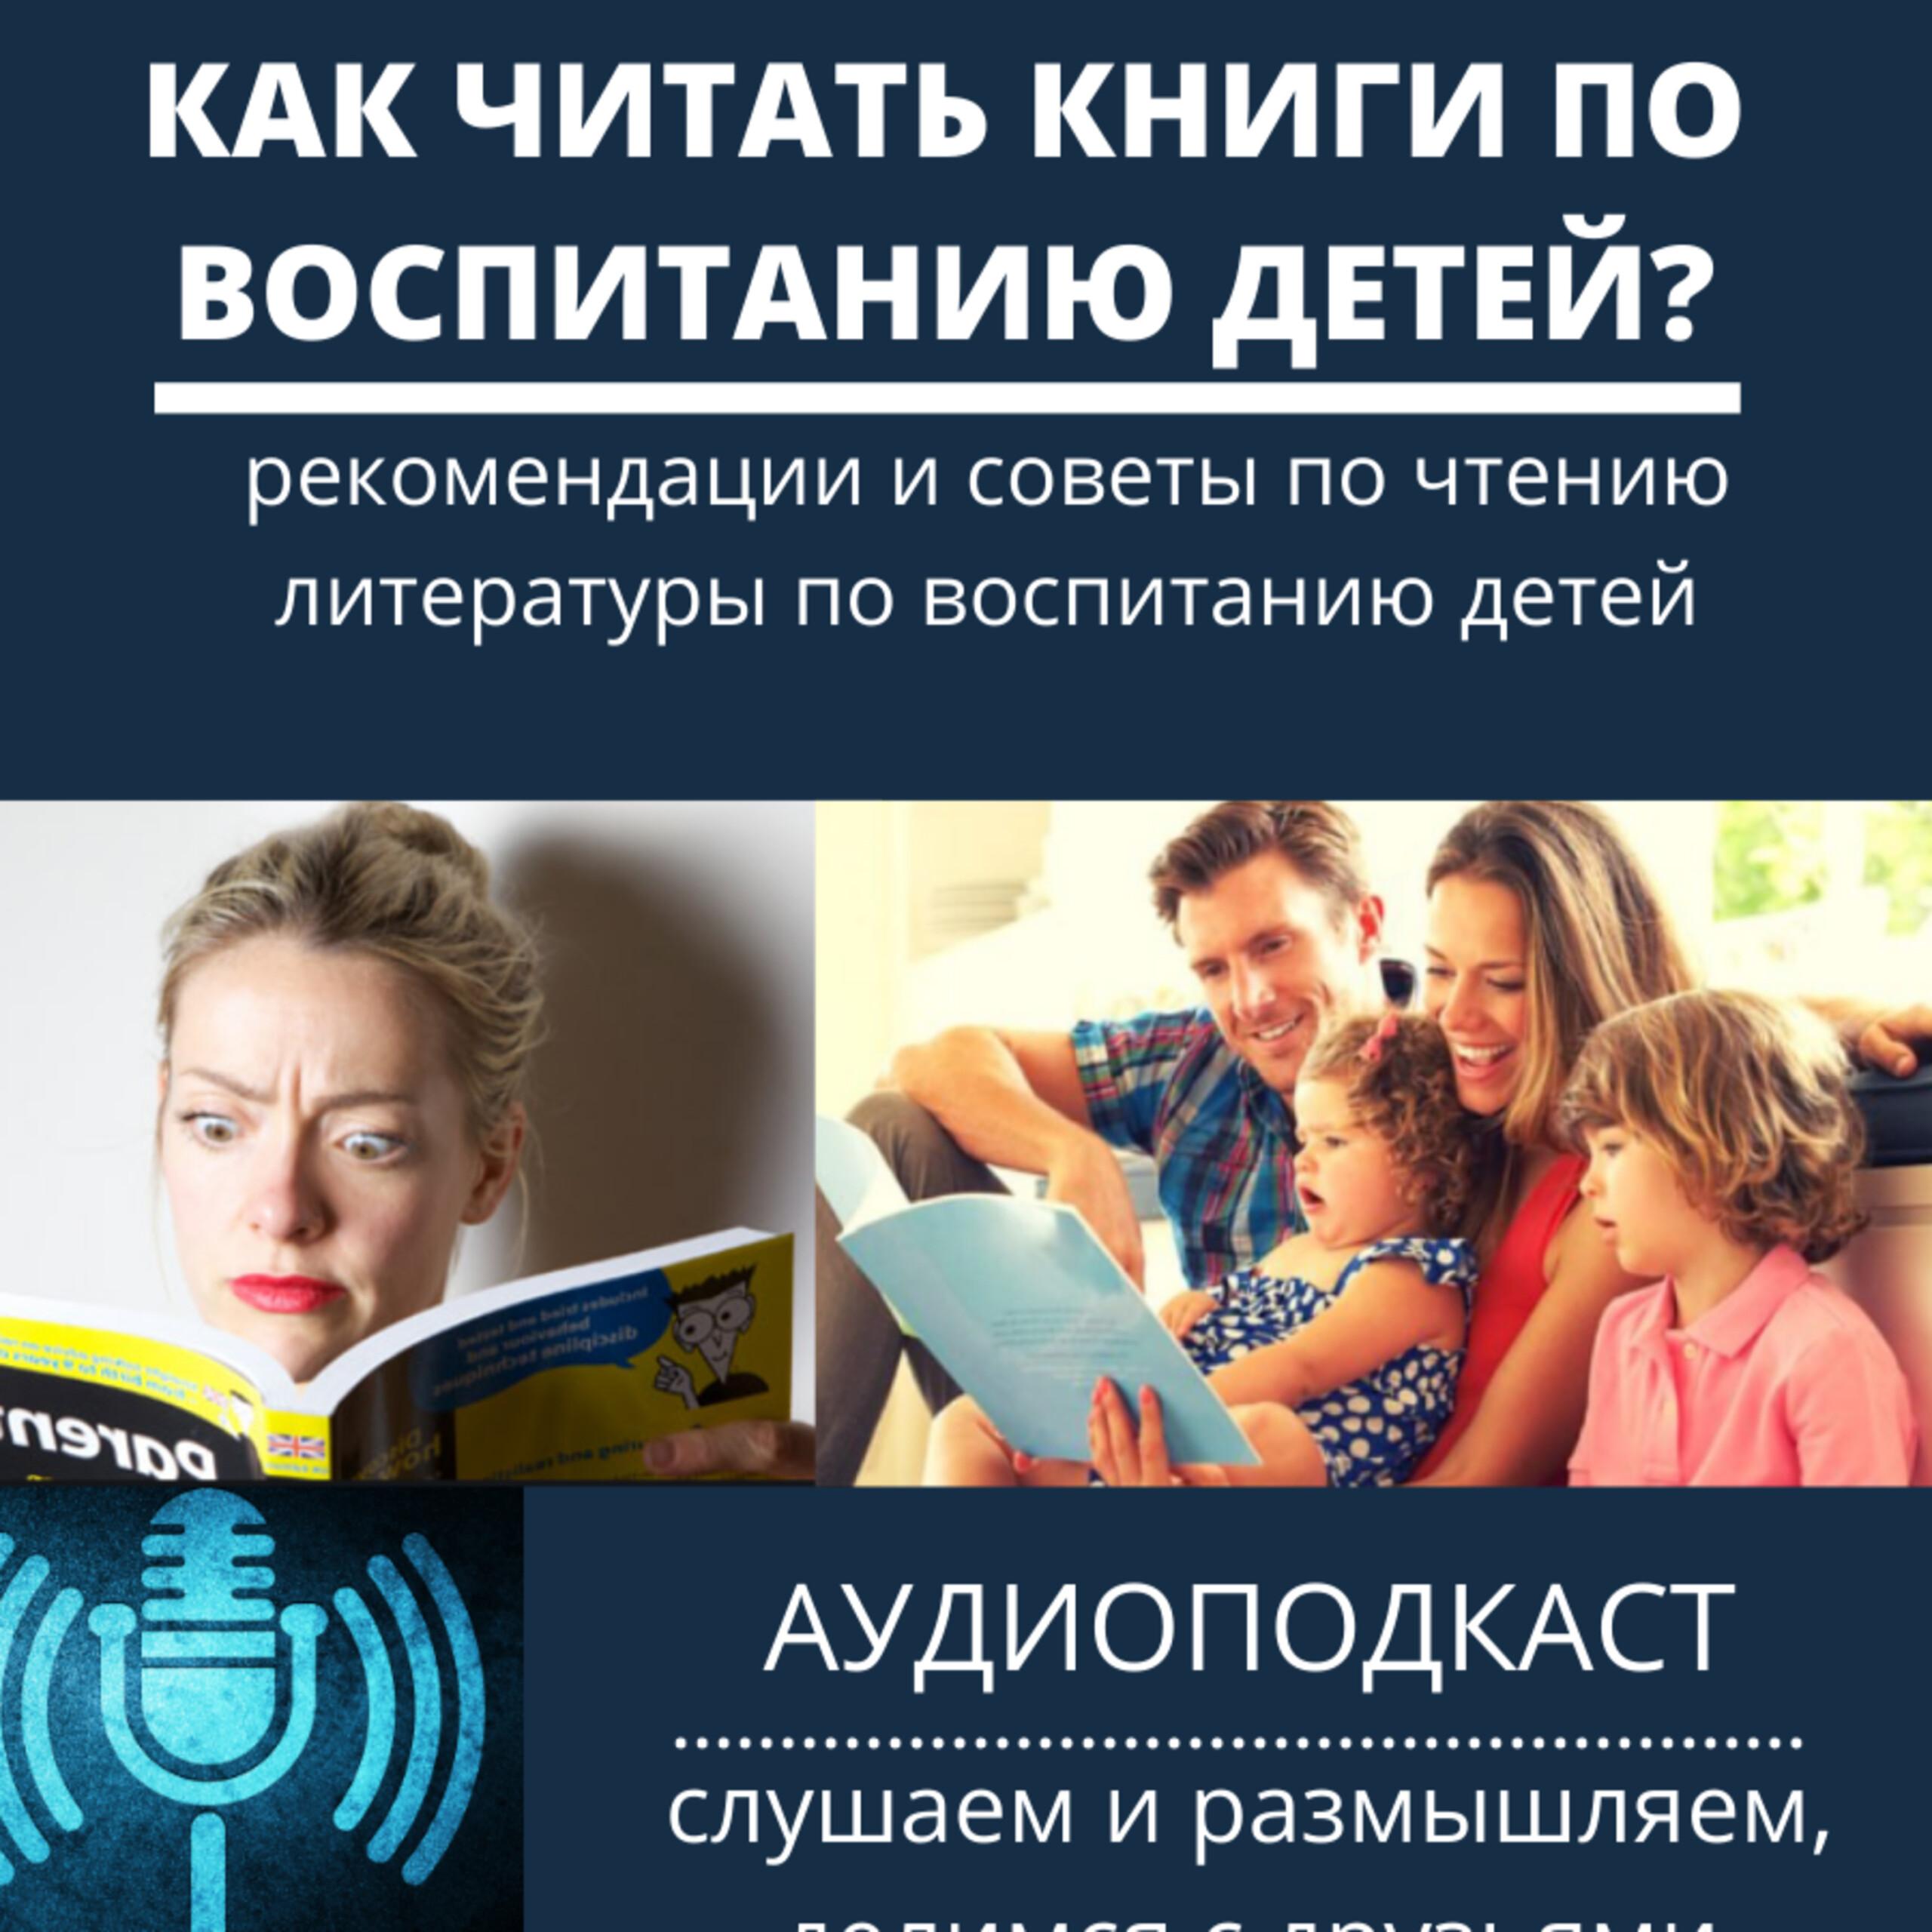 Как читать книги по воспитанию детей